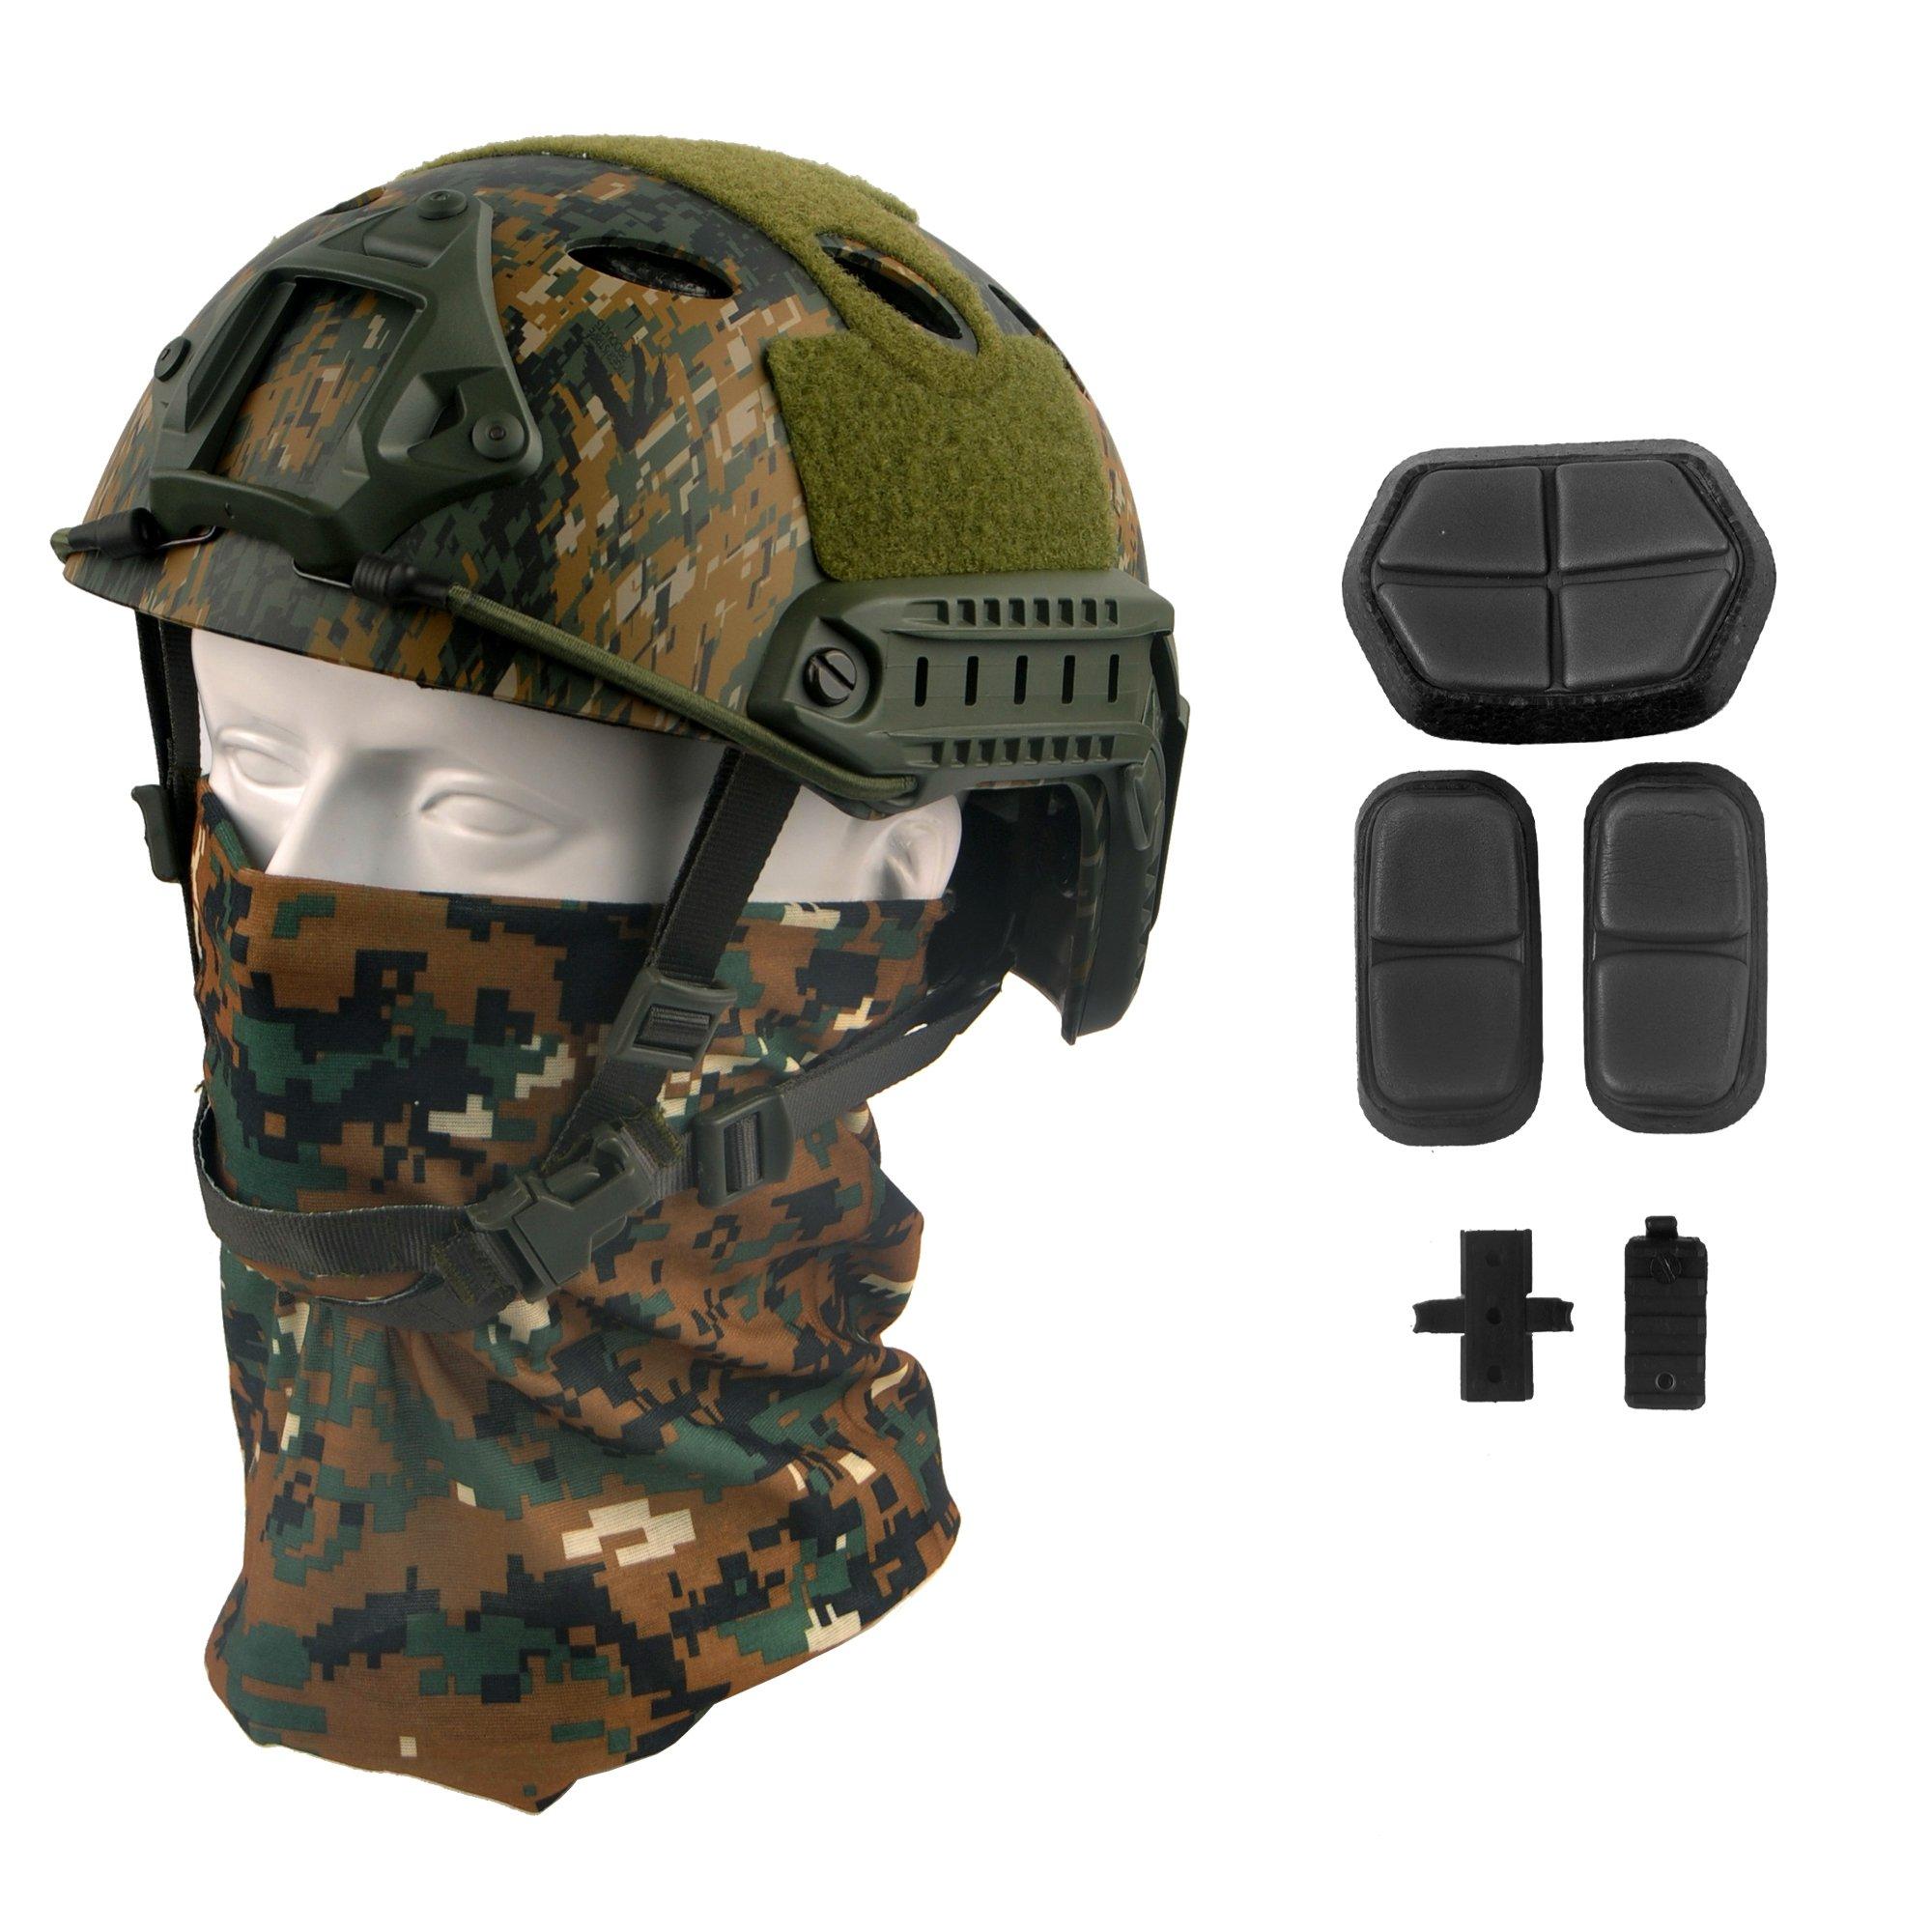 LOOGU Fast PJ Base Jump Military Helmet with 12-in-1 Headwear(AOR2) by LOOGU